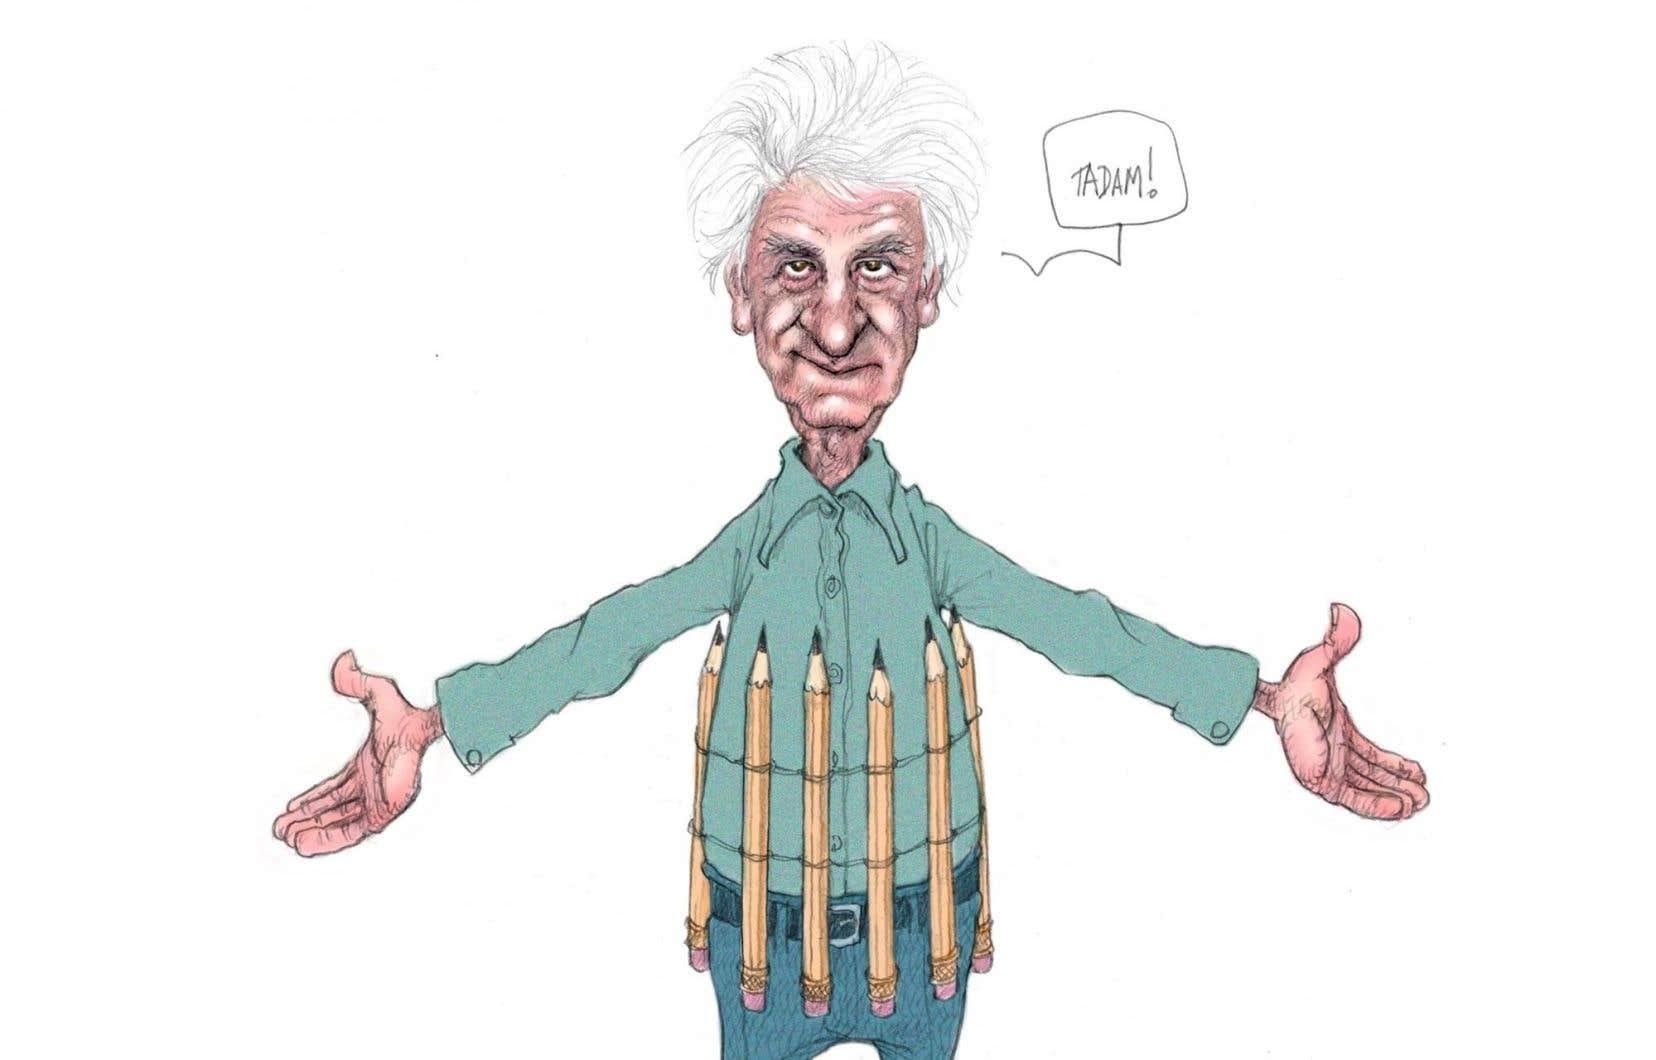 Le Musée McCord rassemble 150 esquisses et illustrations du caricaturiste Serge Chapleau. Sur l'illustration, Autoportrait à l'arme de destruction massive (Serge Chapleau, La Presse, 18 février 2006).